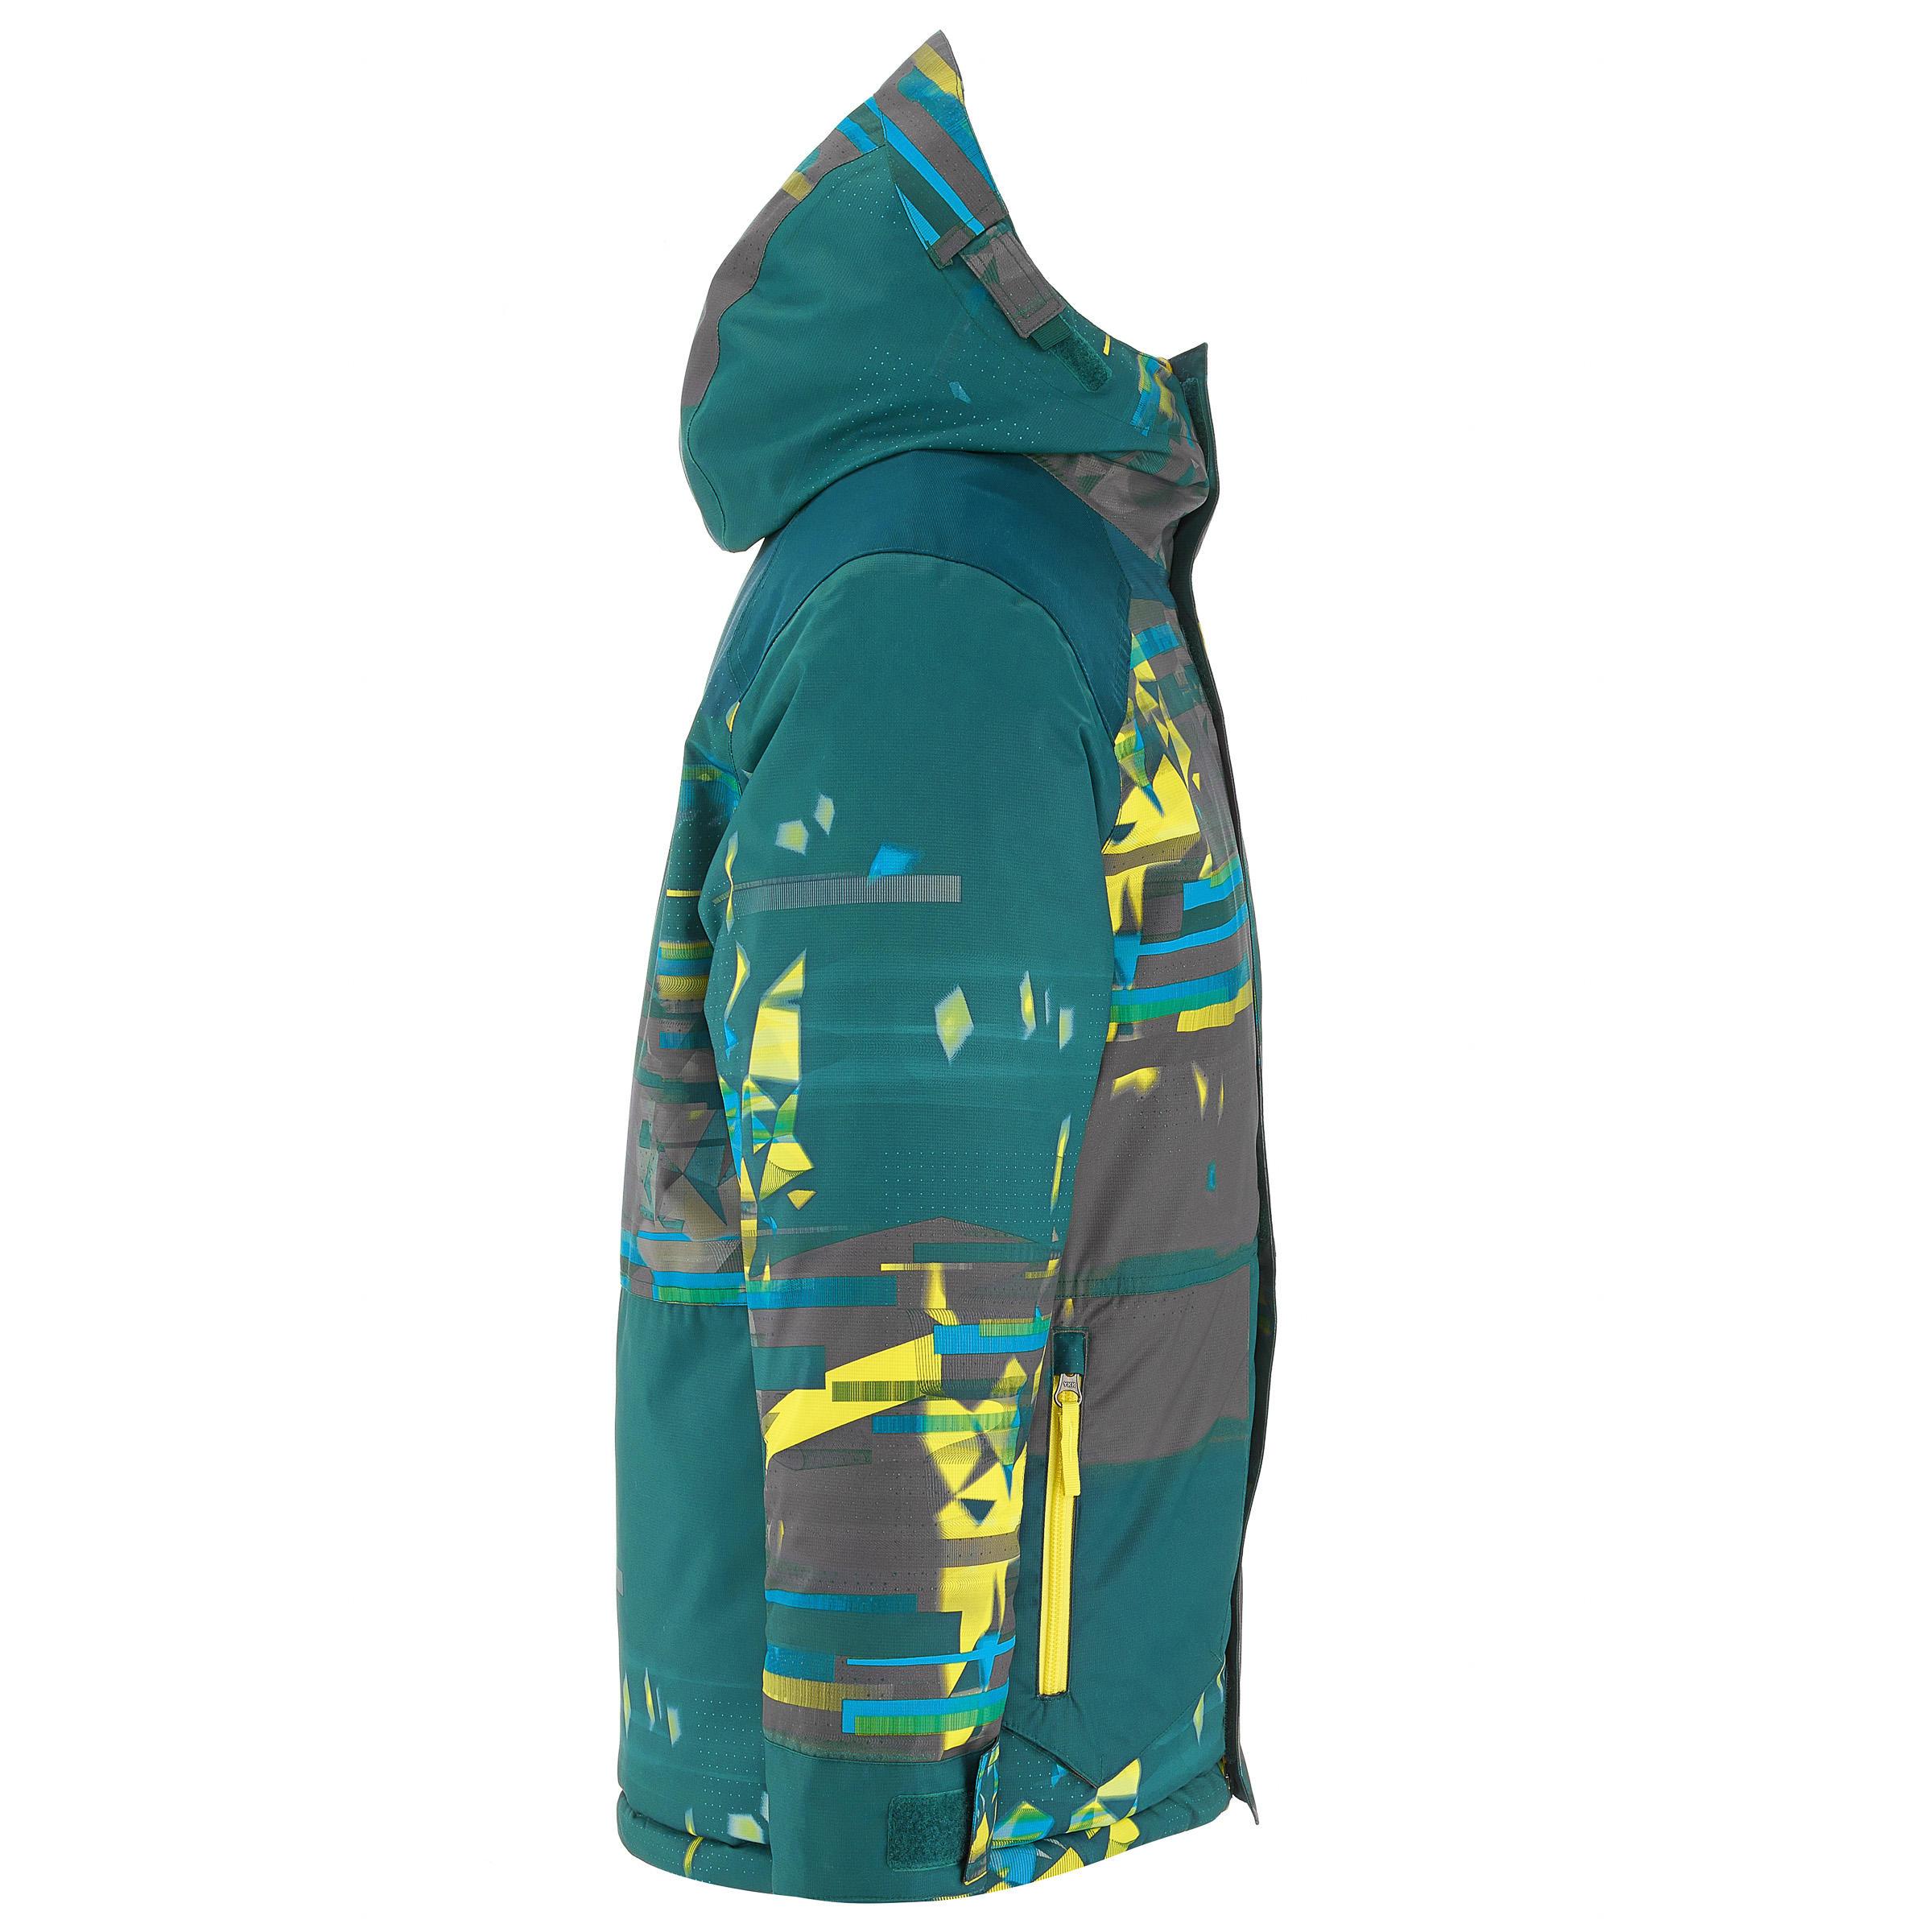 Manteau de planche à neige et ski SNB JKT 500 garçon pétrole sombre